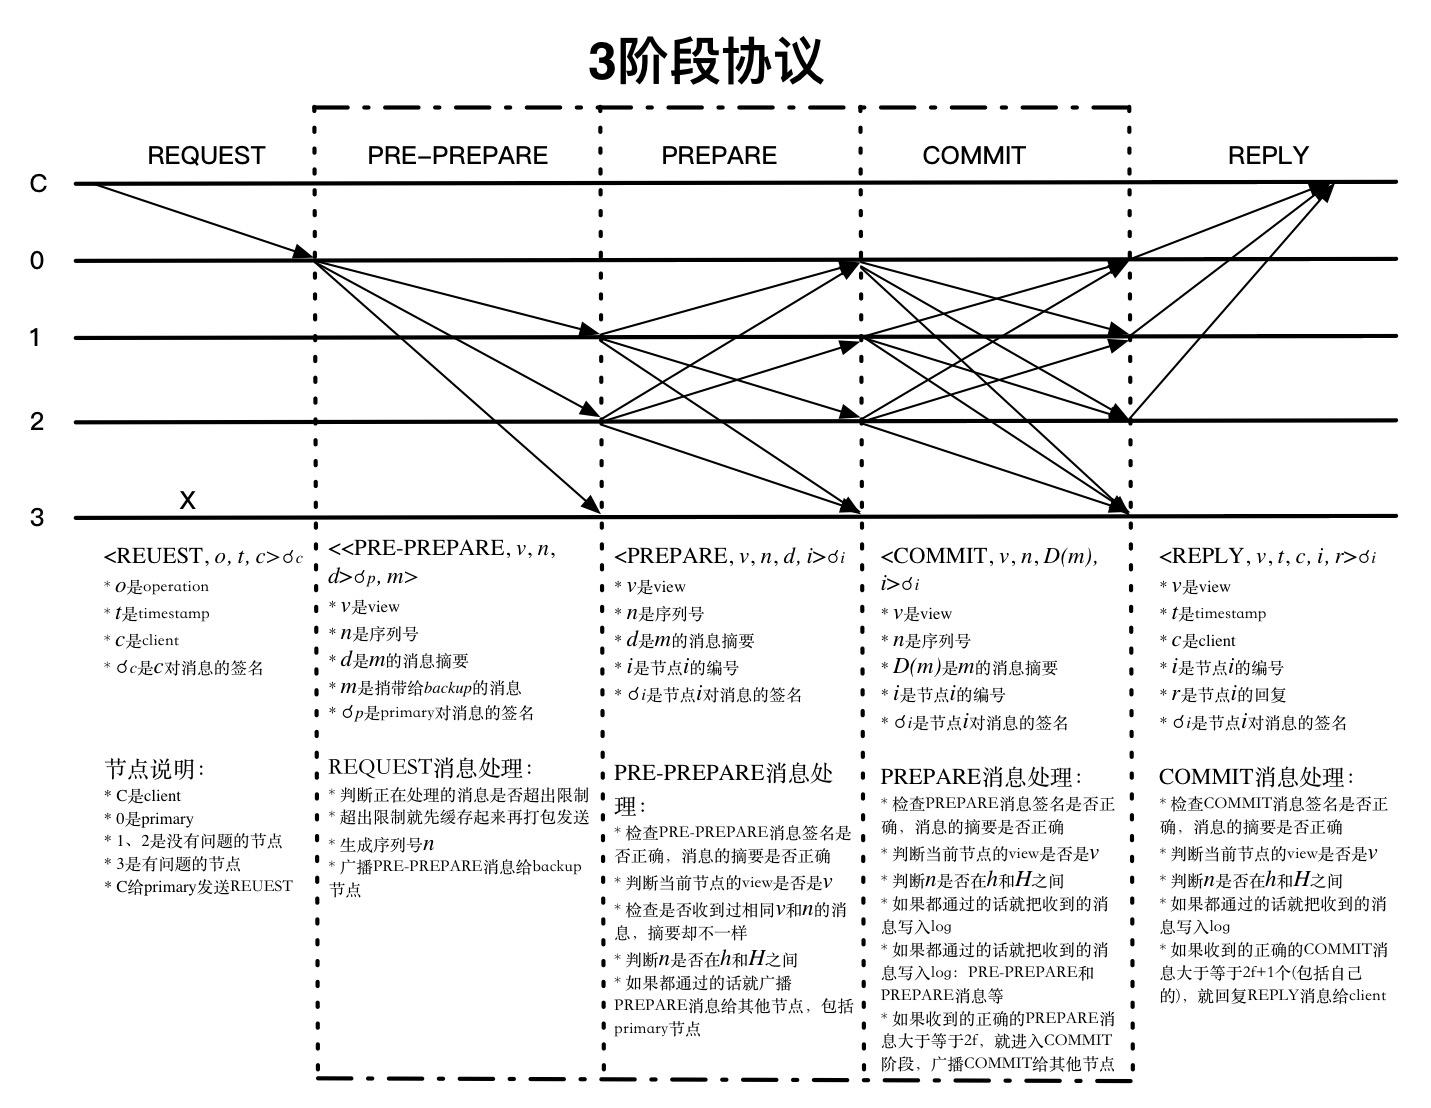 3阶段协议